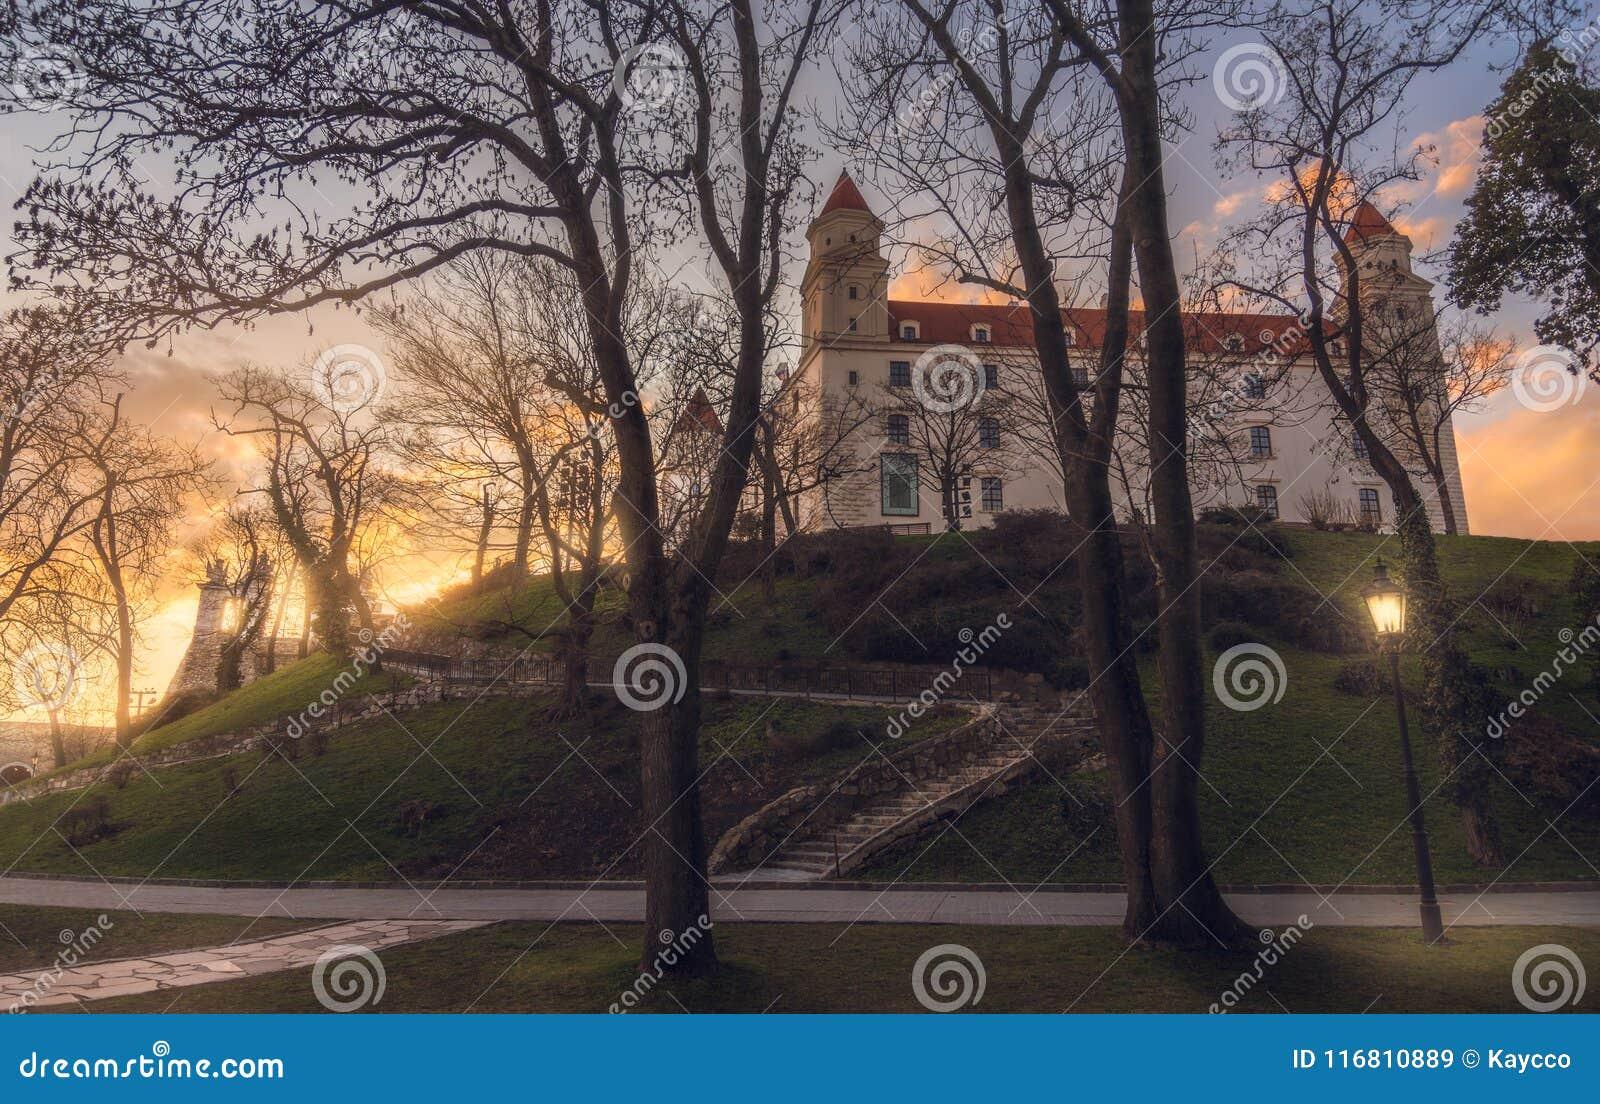 Castello di Bratislava attraverso gli alberi